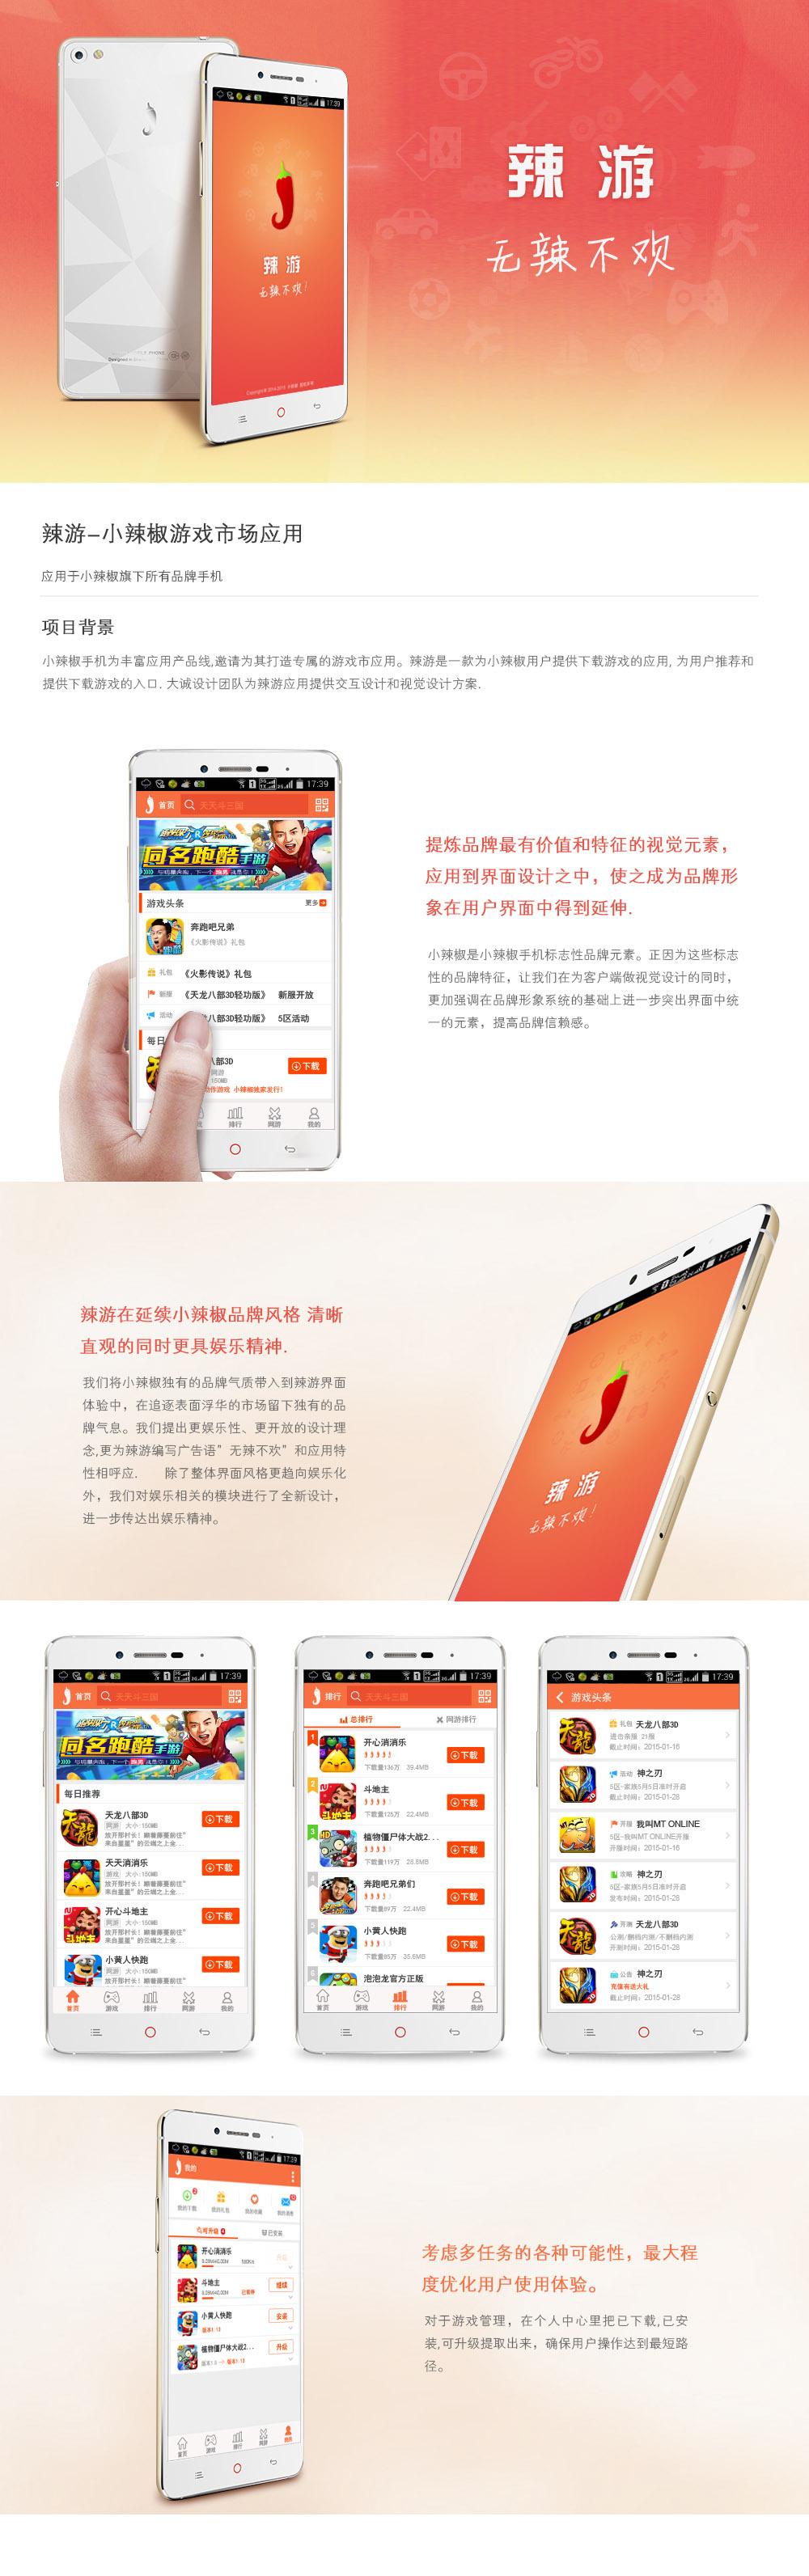 辣游-小辣椒游戏市场应用图0